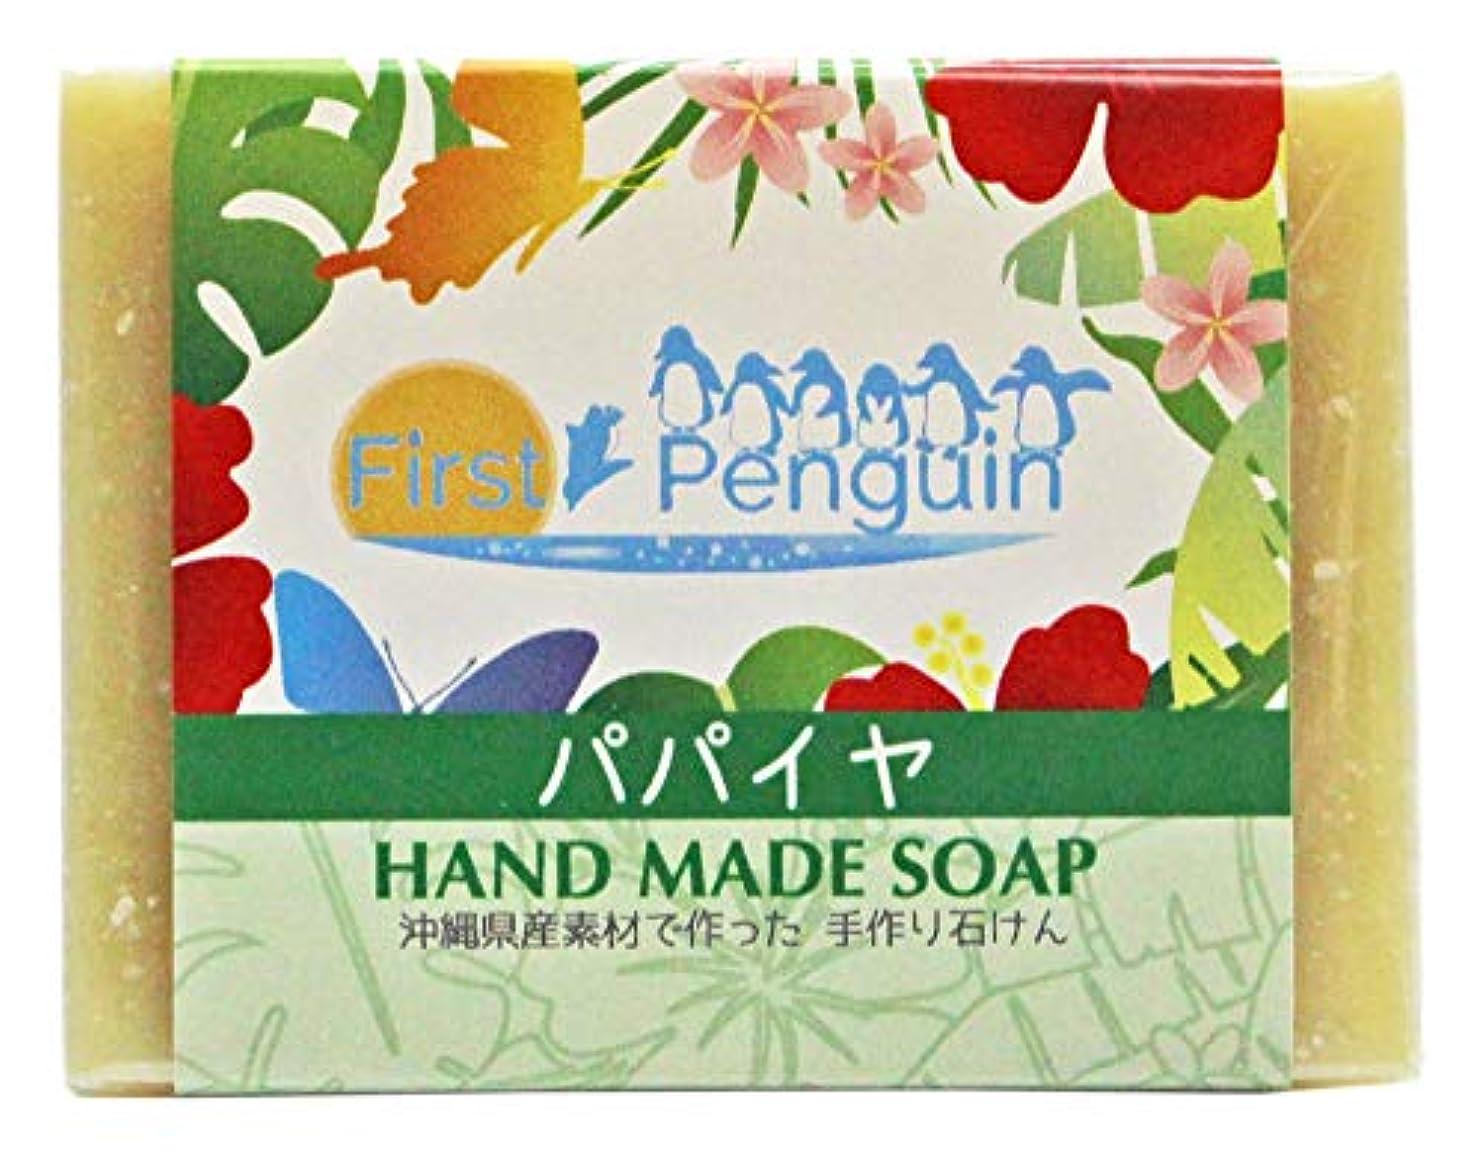 まろやかなハーブ黄ばむ手作り洗顔石けん パパイヤ 100g